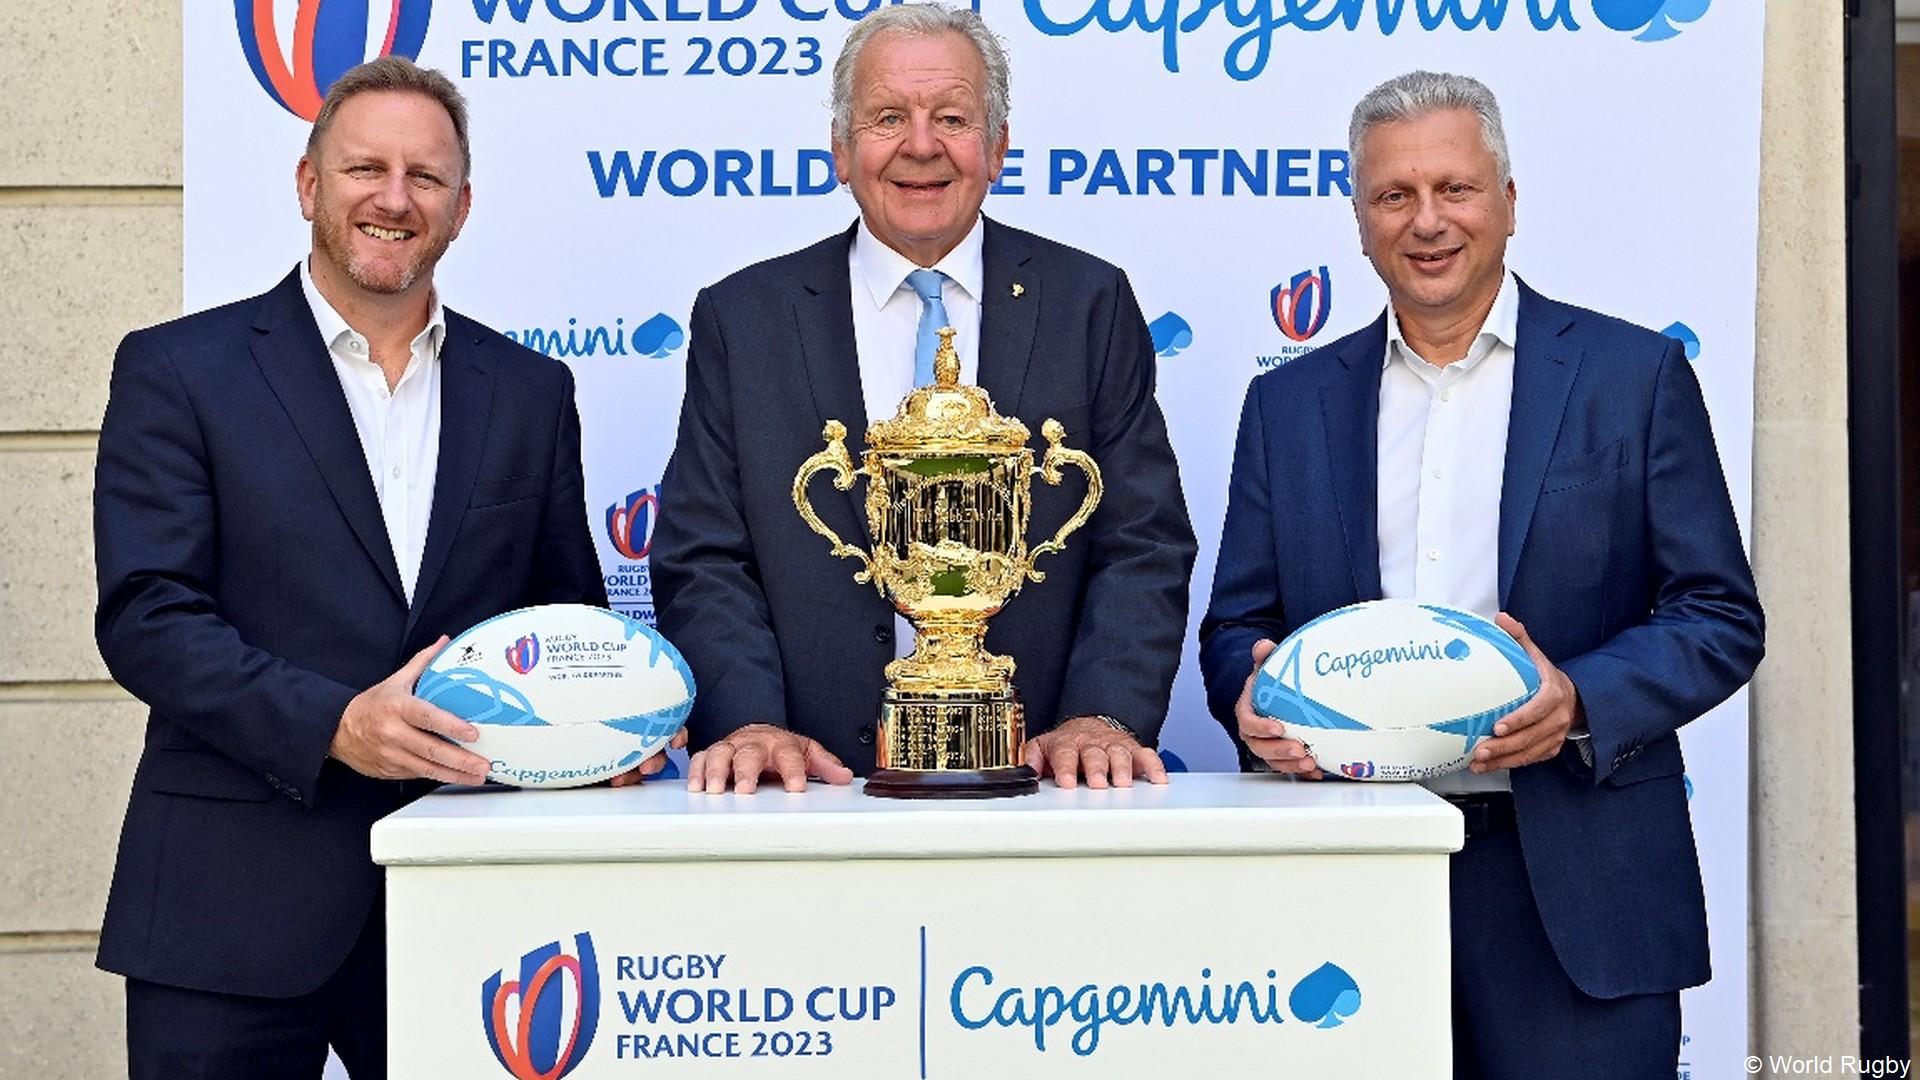 Capgemini x World Rugby France 2023 (rugby) 2021